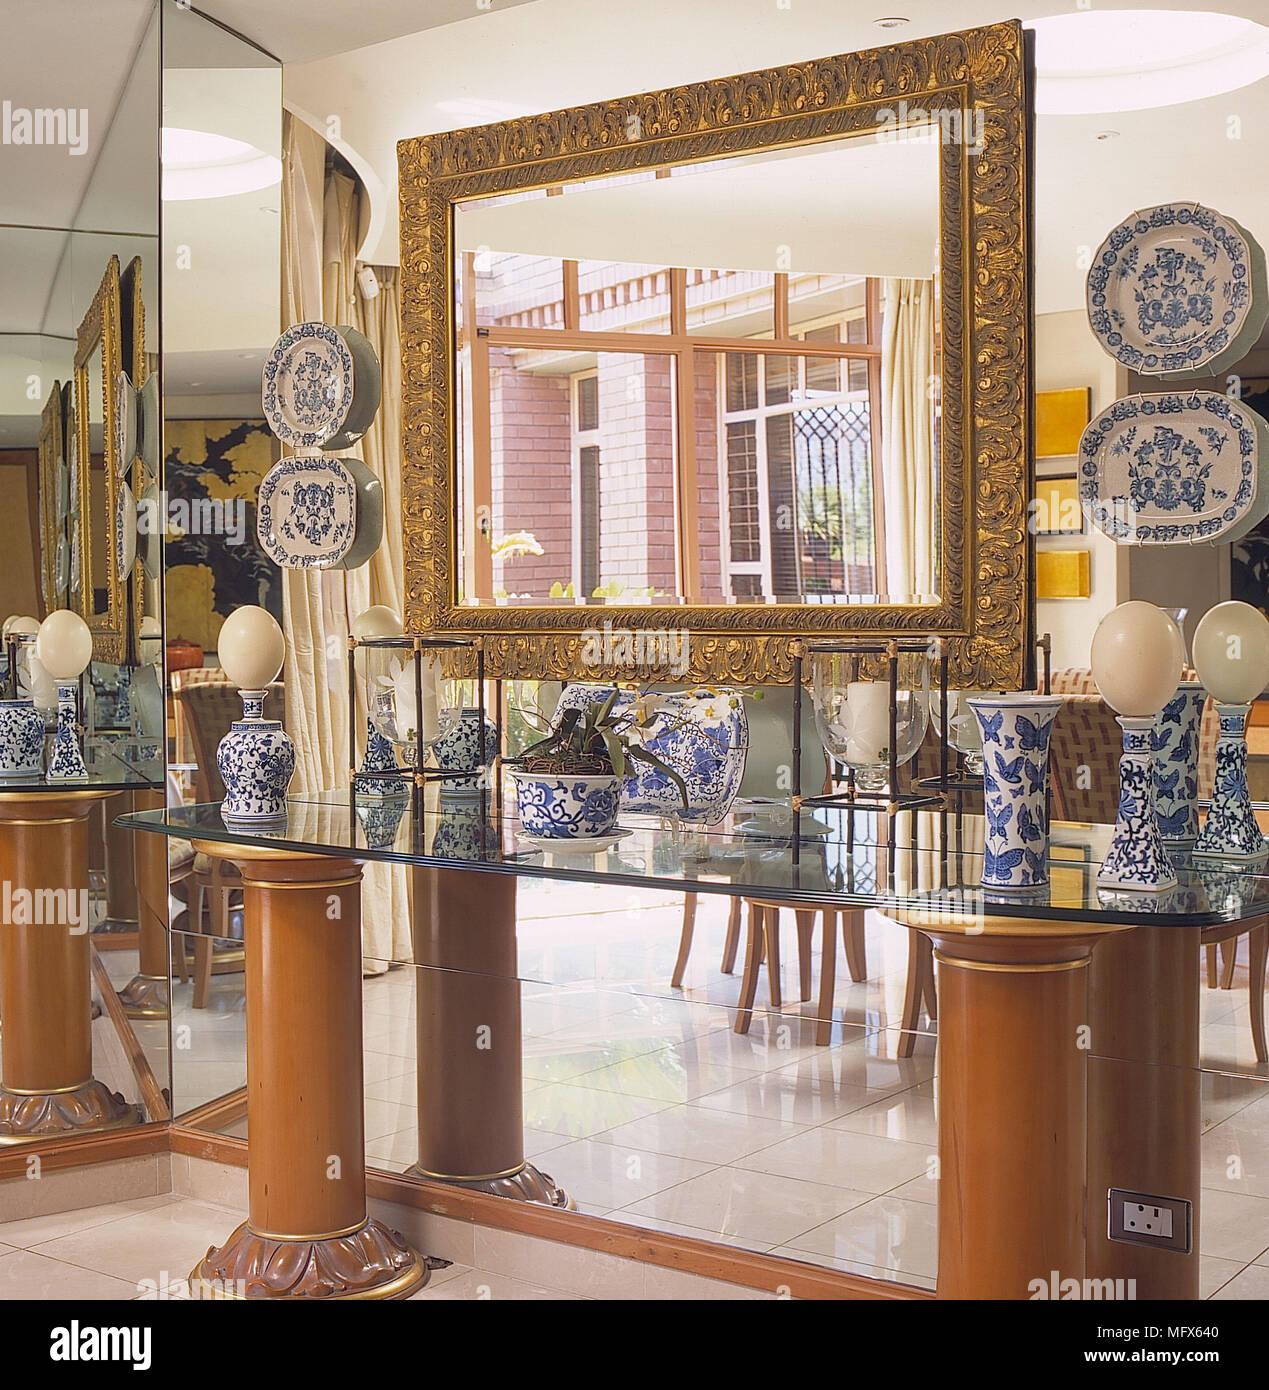 Esszimmer Detail Gespiegelt Wandregal Glas Gold Spiegel Keramik Blau Weiß  China Reflexion Innenräume Zimmer Chinesisch Japanisch Moderne Contempor